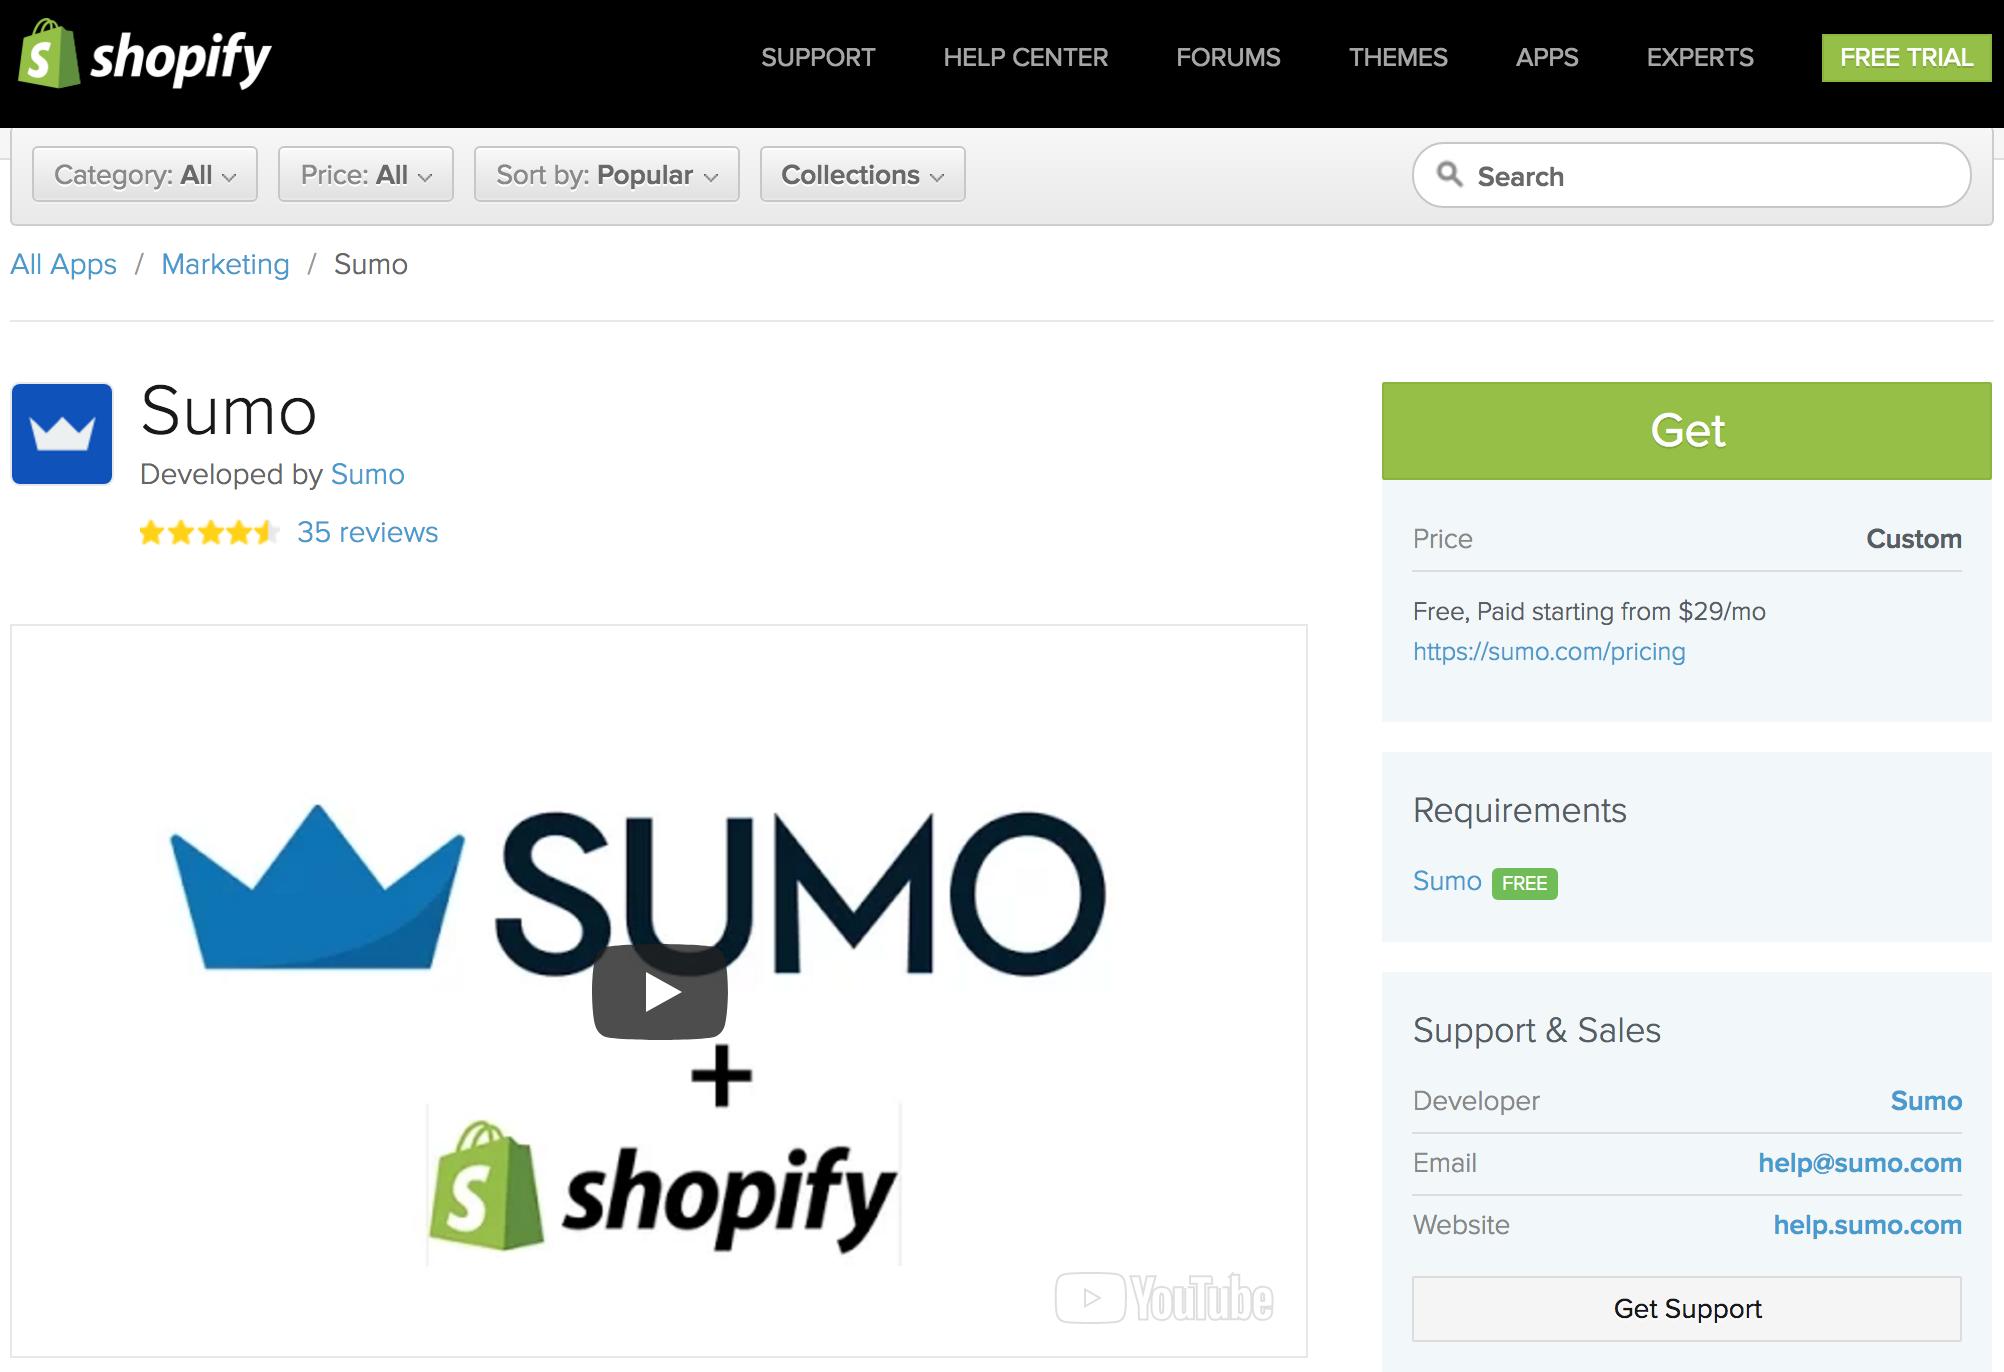 Screenshot showing the Sumo plugin